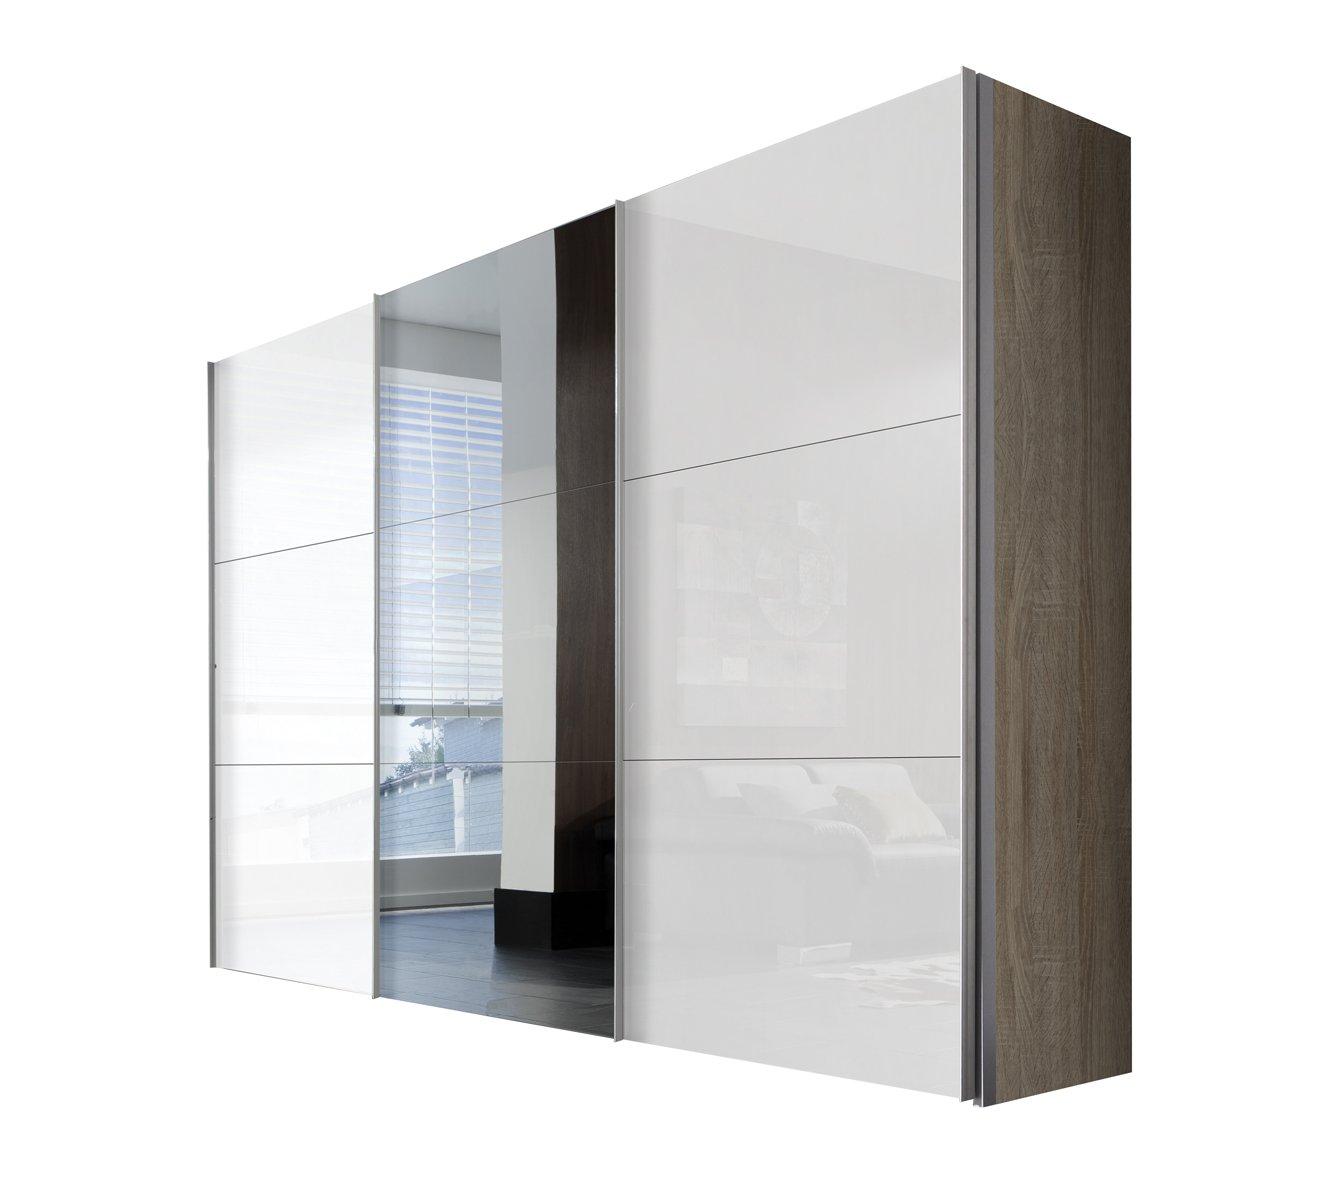 Solutions 46340-768 Schwebetürenschrank 3-türig, Griffleisten Alufarben, Korpus Sonoma-Eiche / Front Lack weiß und Spiegel